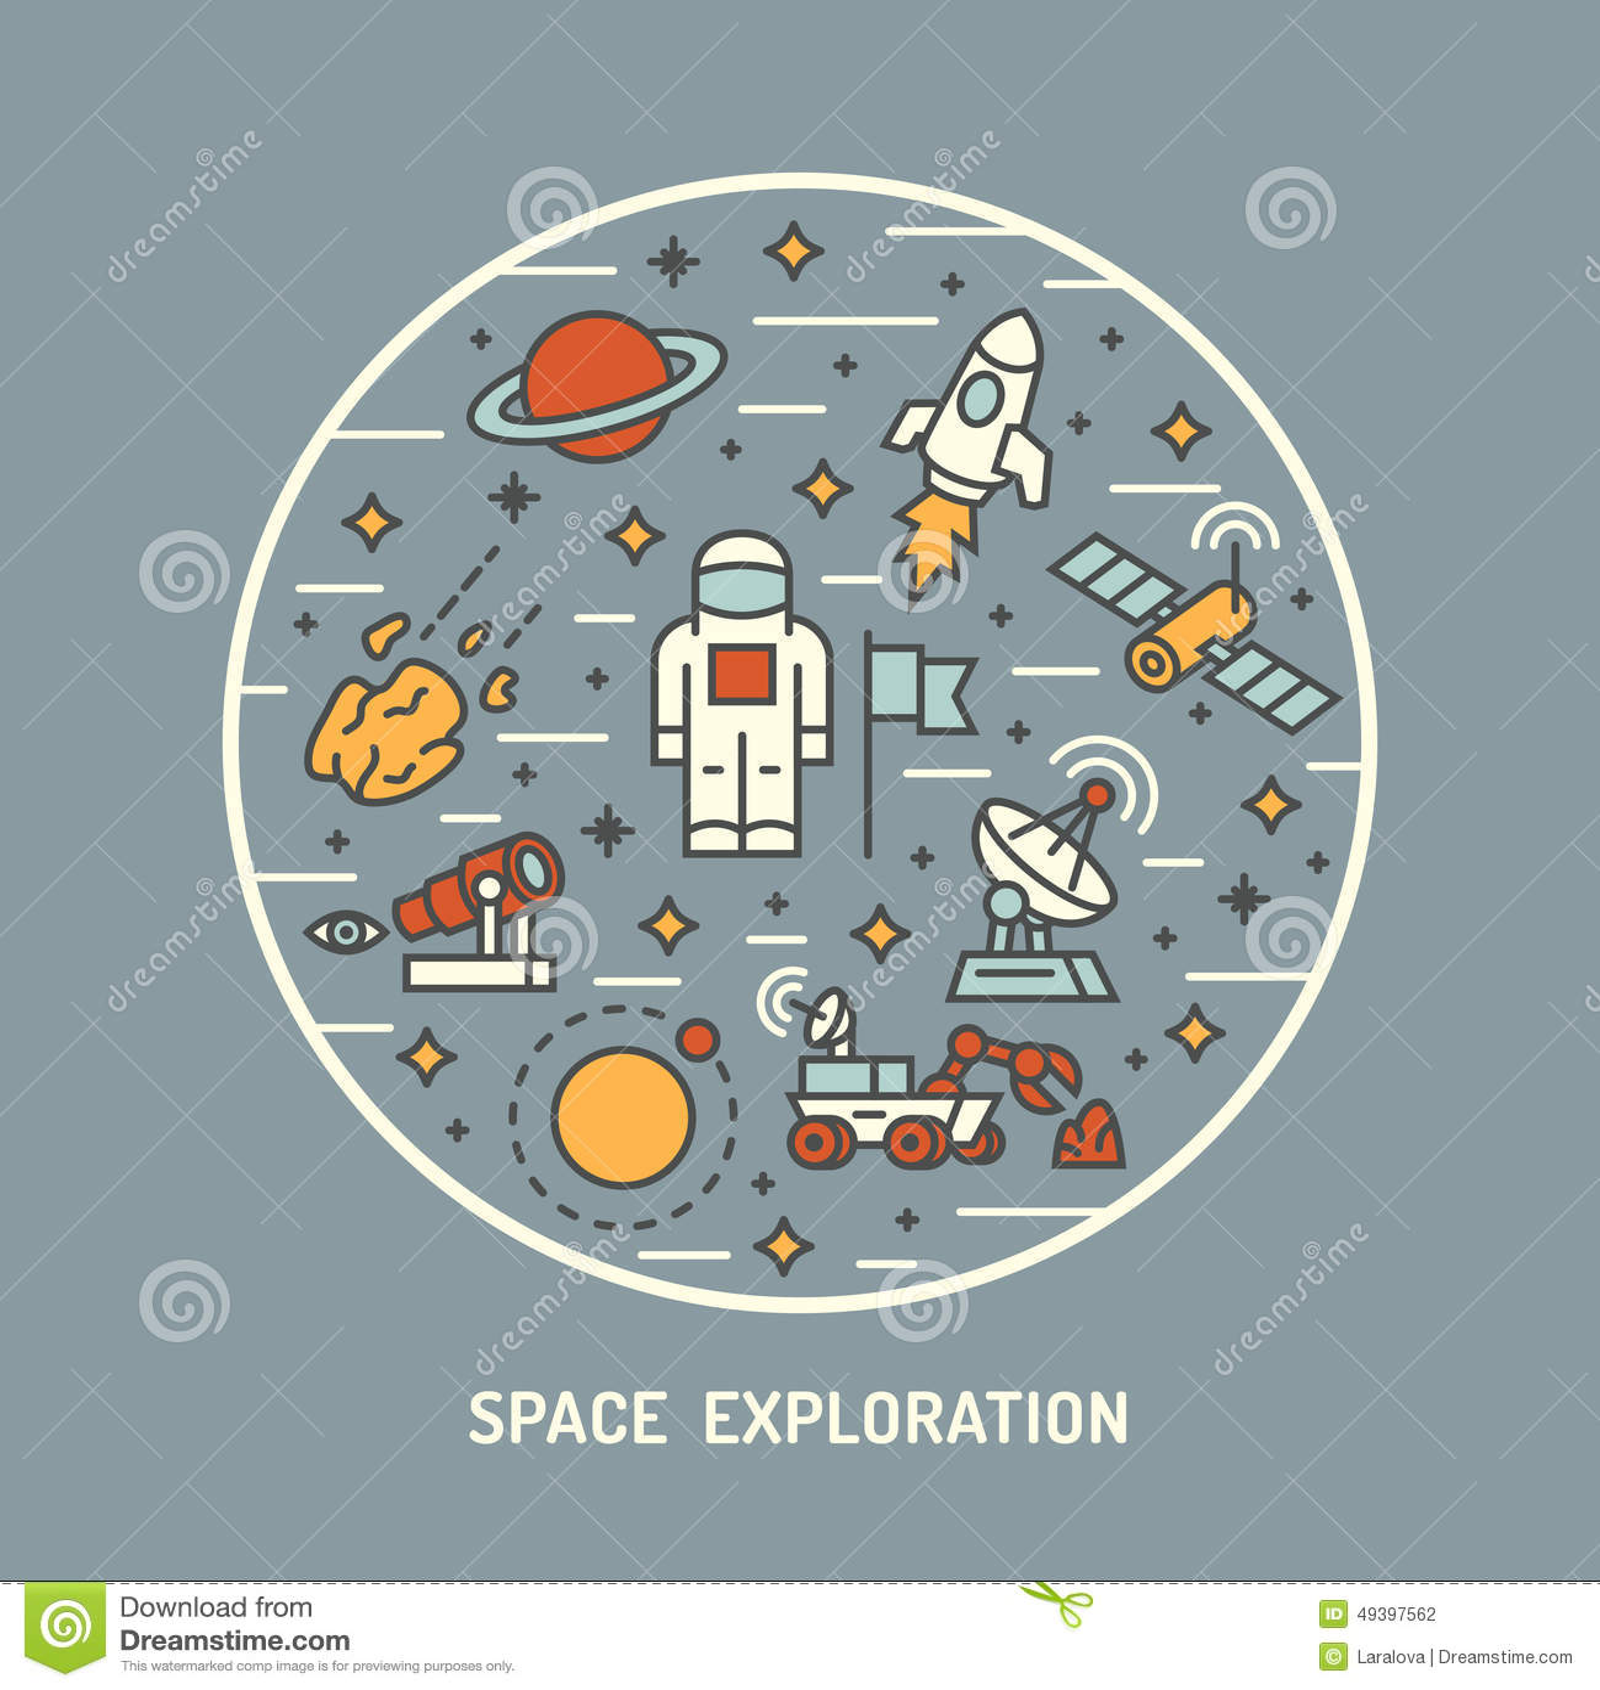 space exploration clipart - photo #40